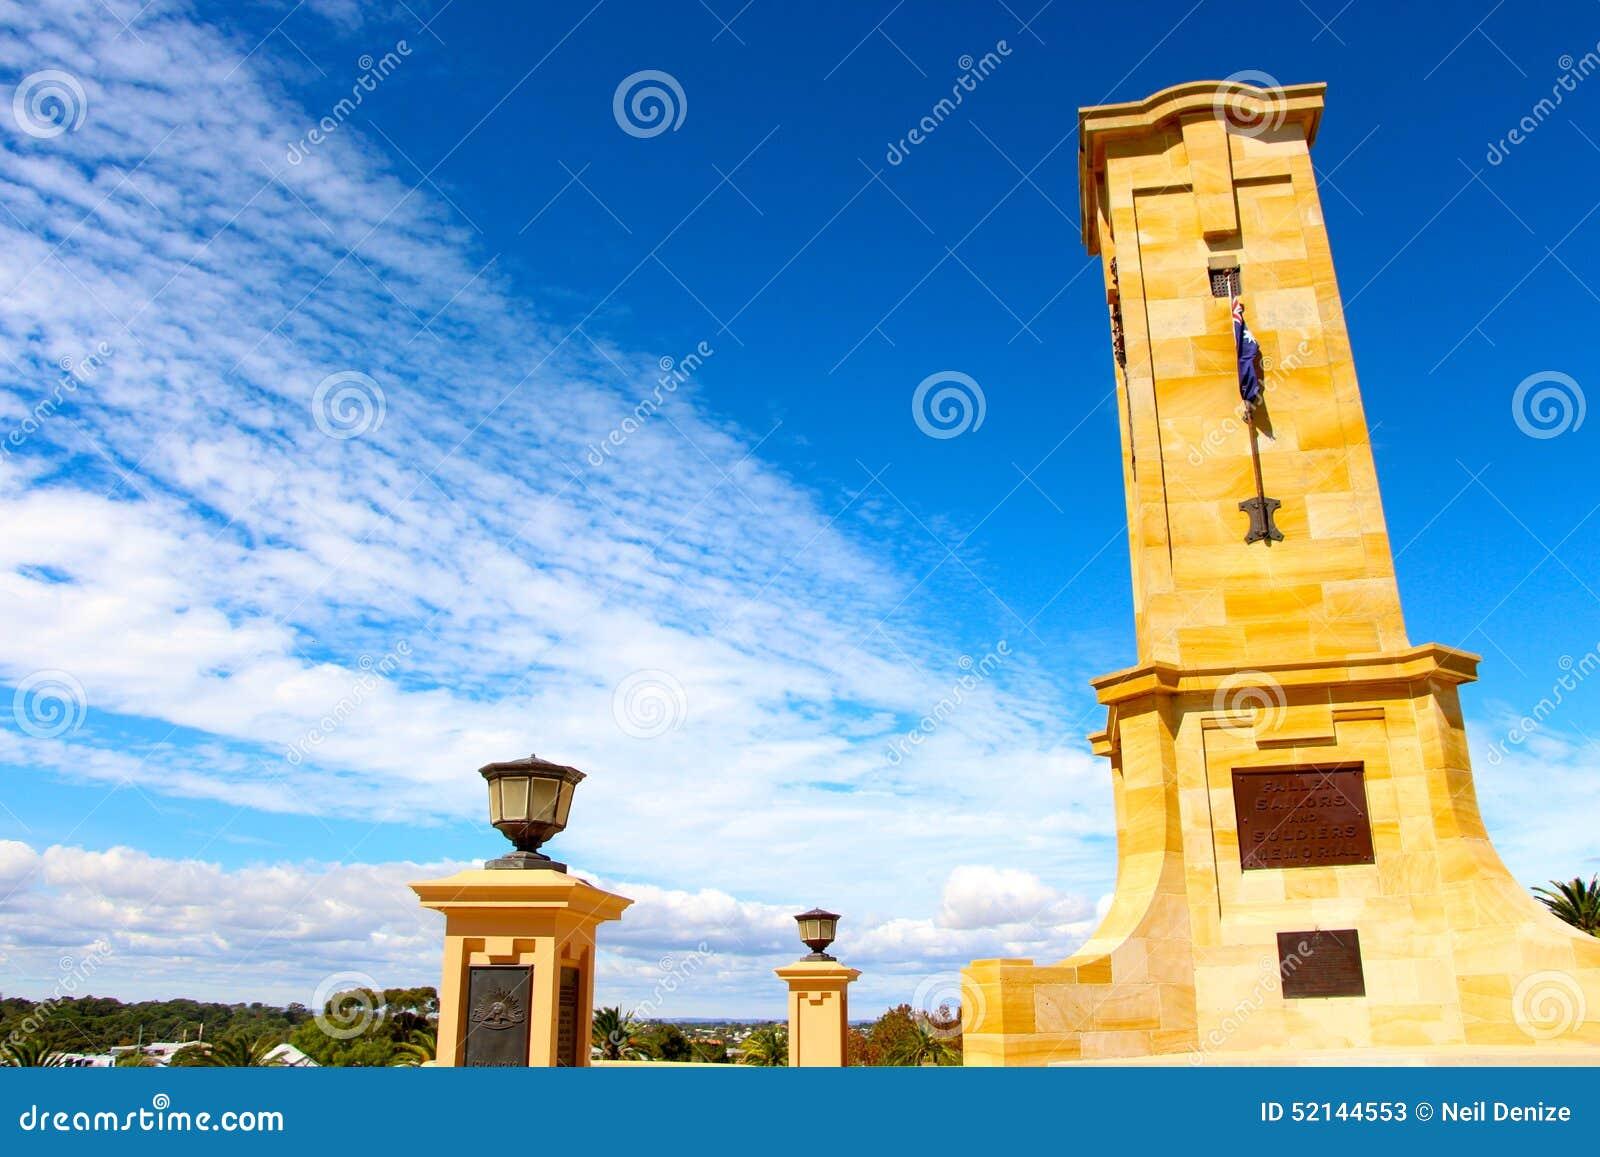 Memorial day date in Perth